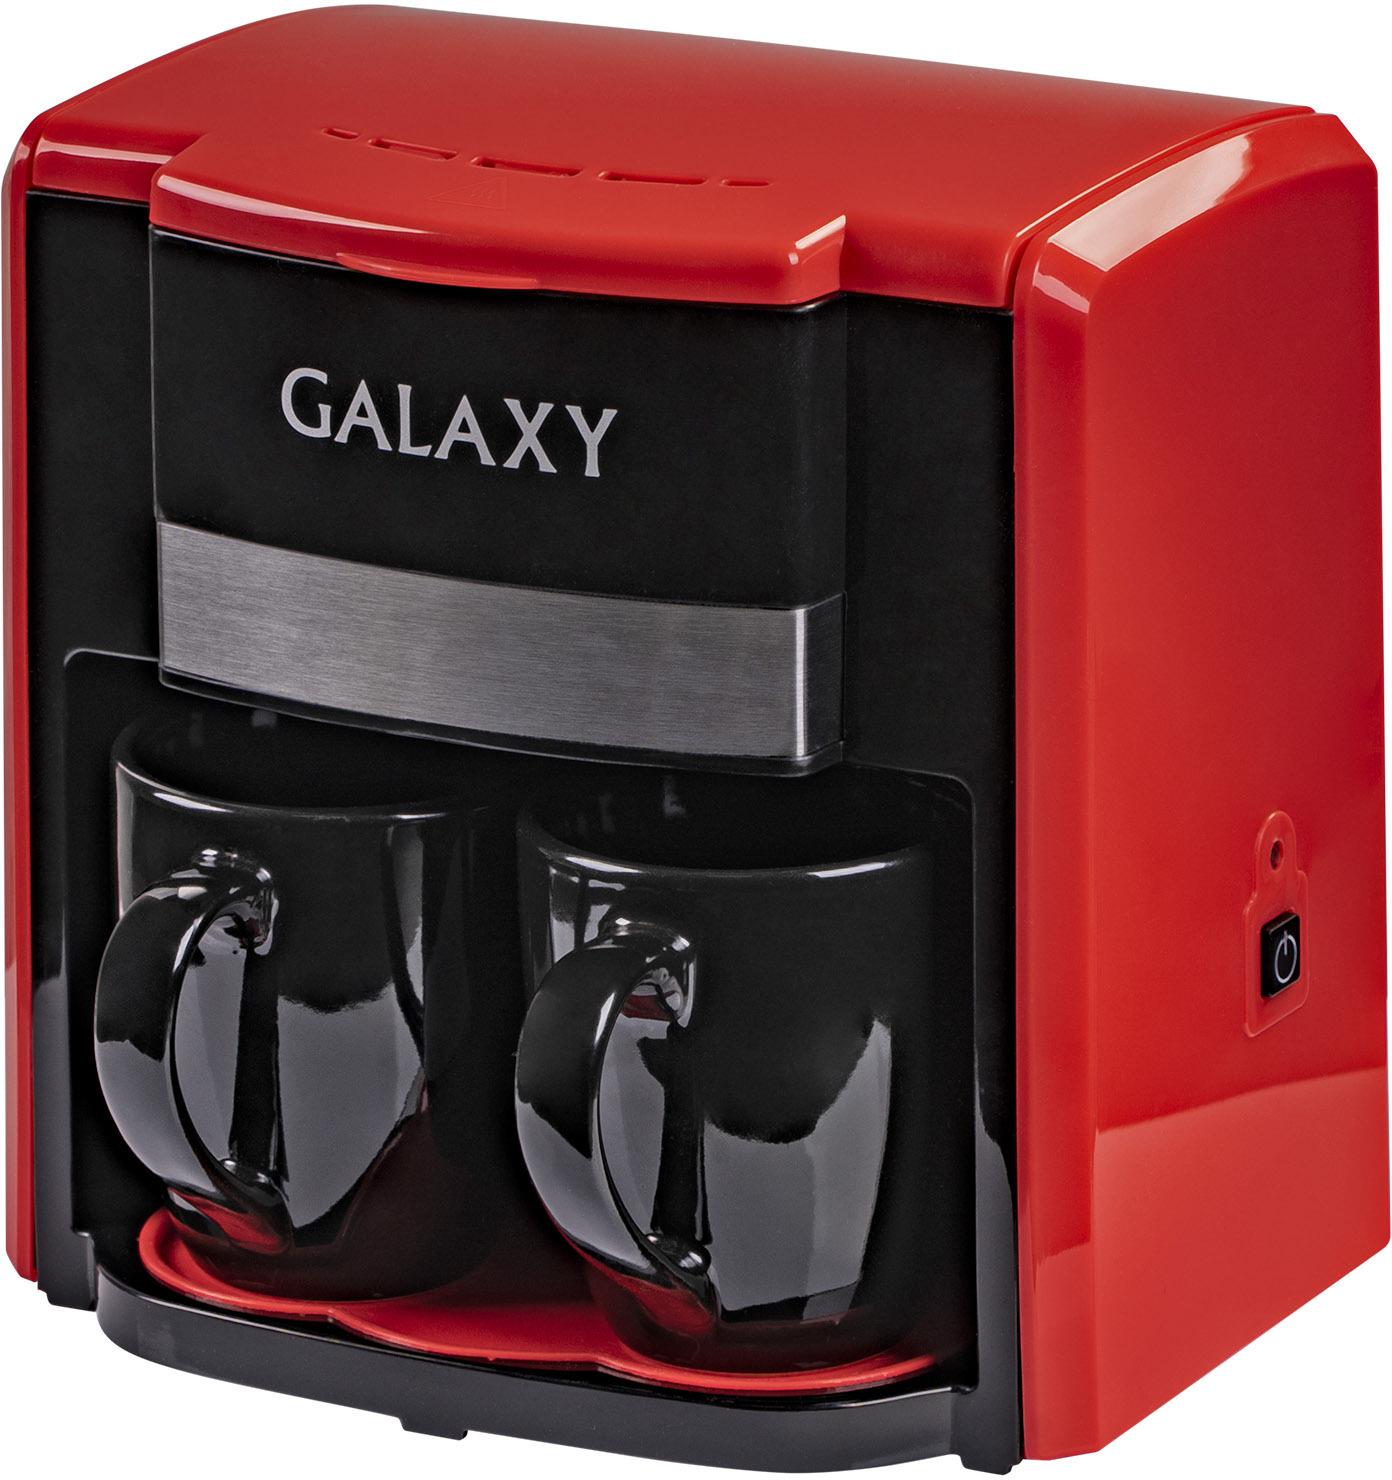 Кофеварка Galaxy GL 0708, красный, черный кофеварка galaxy gl 0708 красная